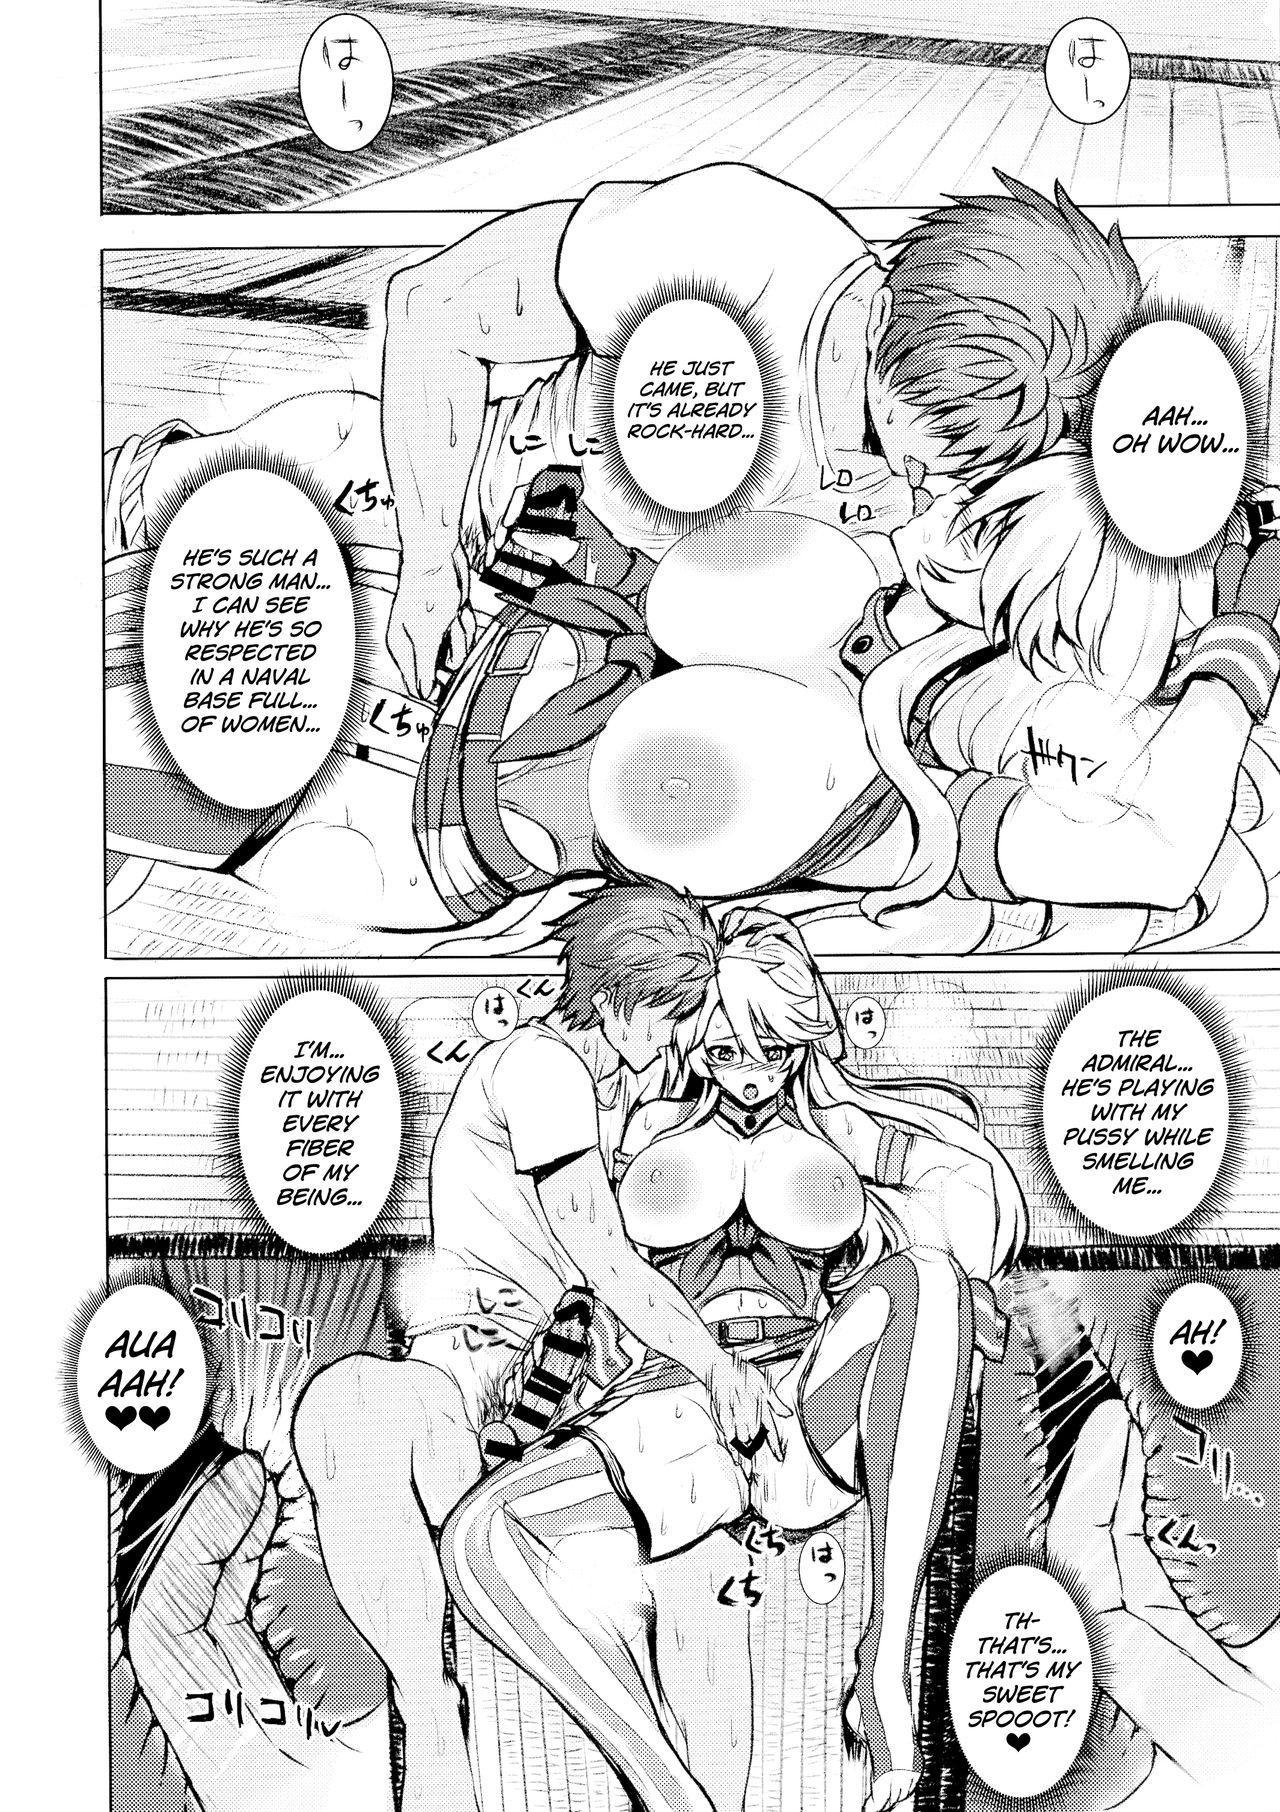 Iowa no Erohon - Iowa Hentai Manga 9